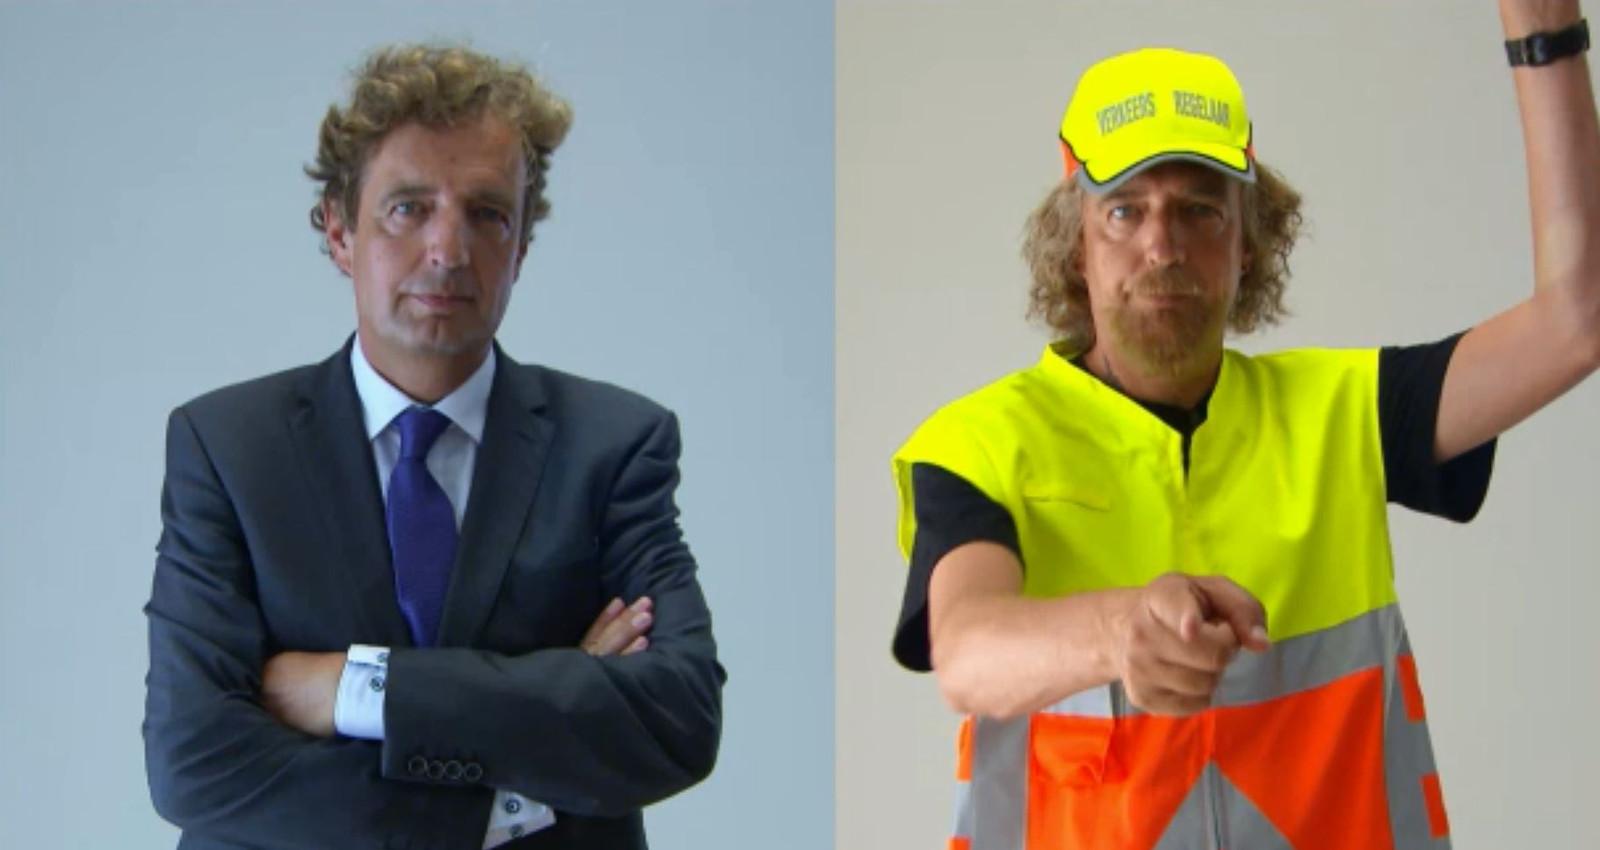 De transformatie van burgemeester René Verhulst tot verkeersregelaar.